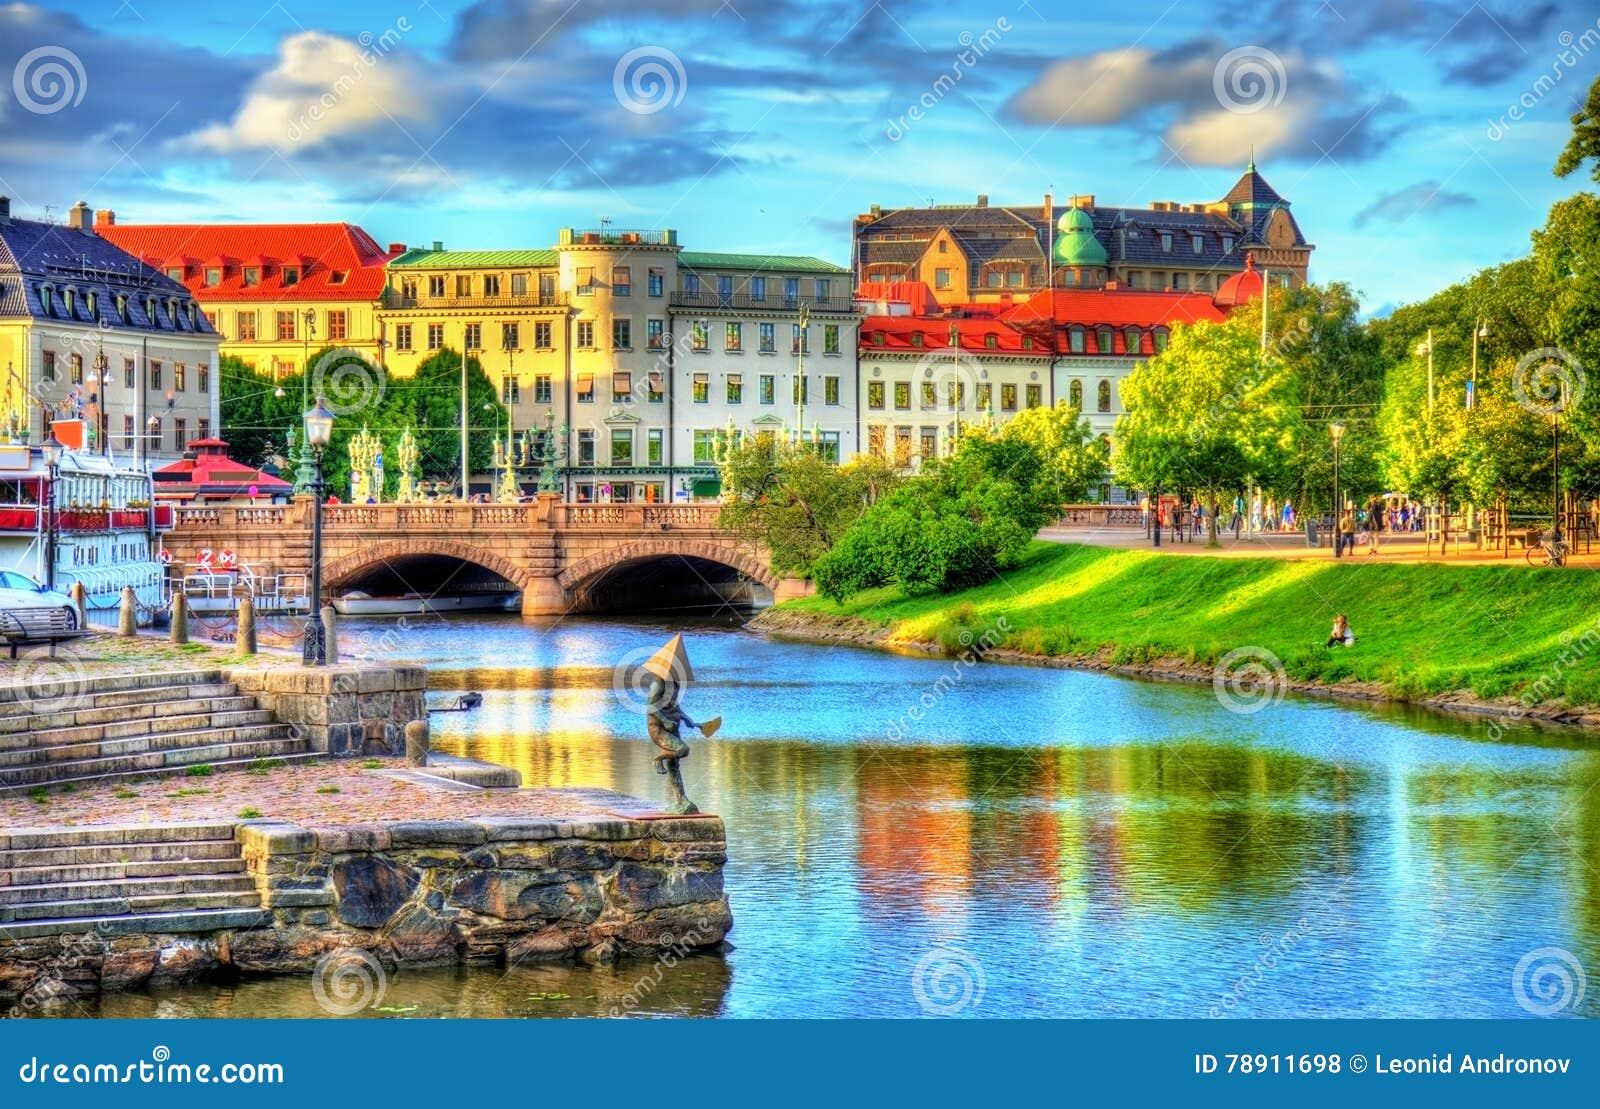 运河在哥特人-瑞典的历史的中心